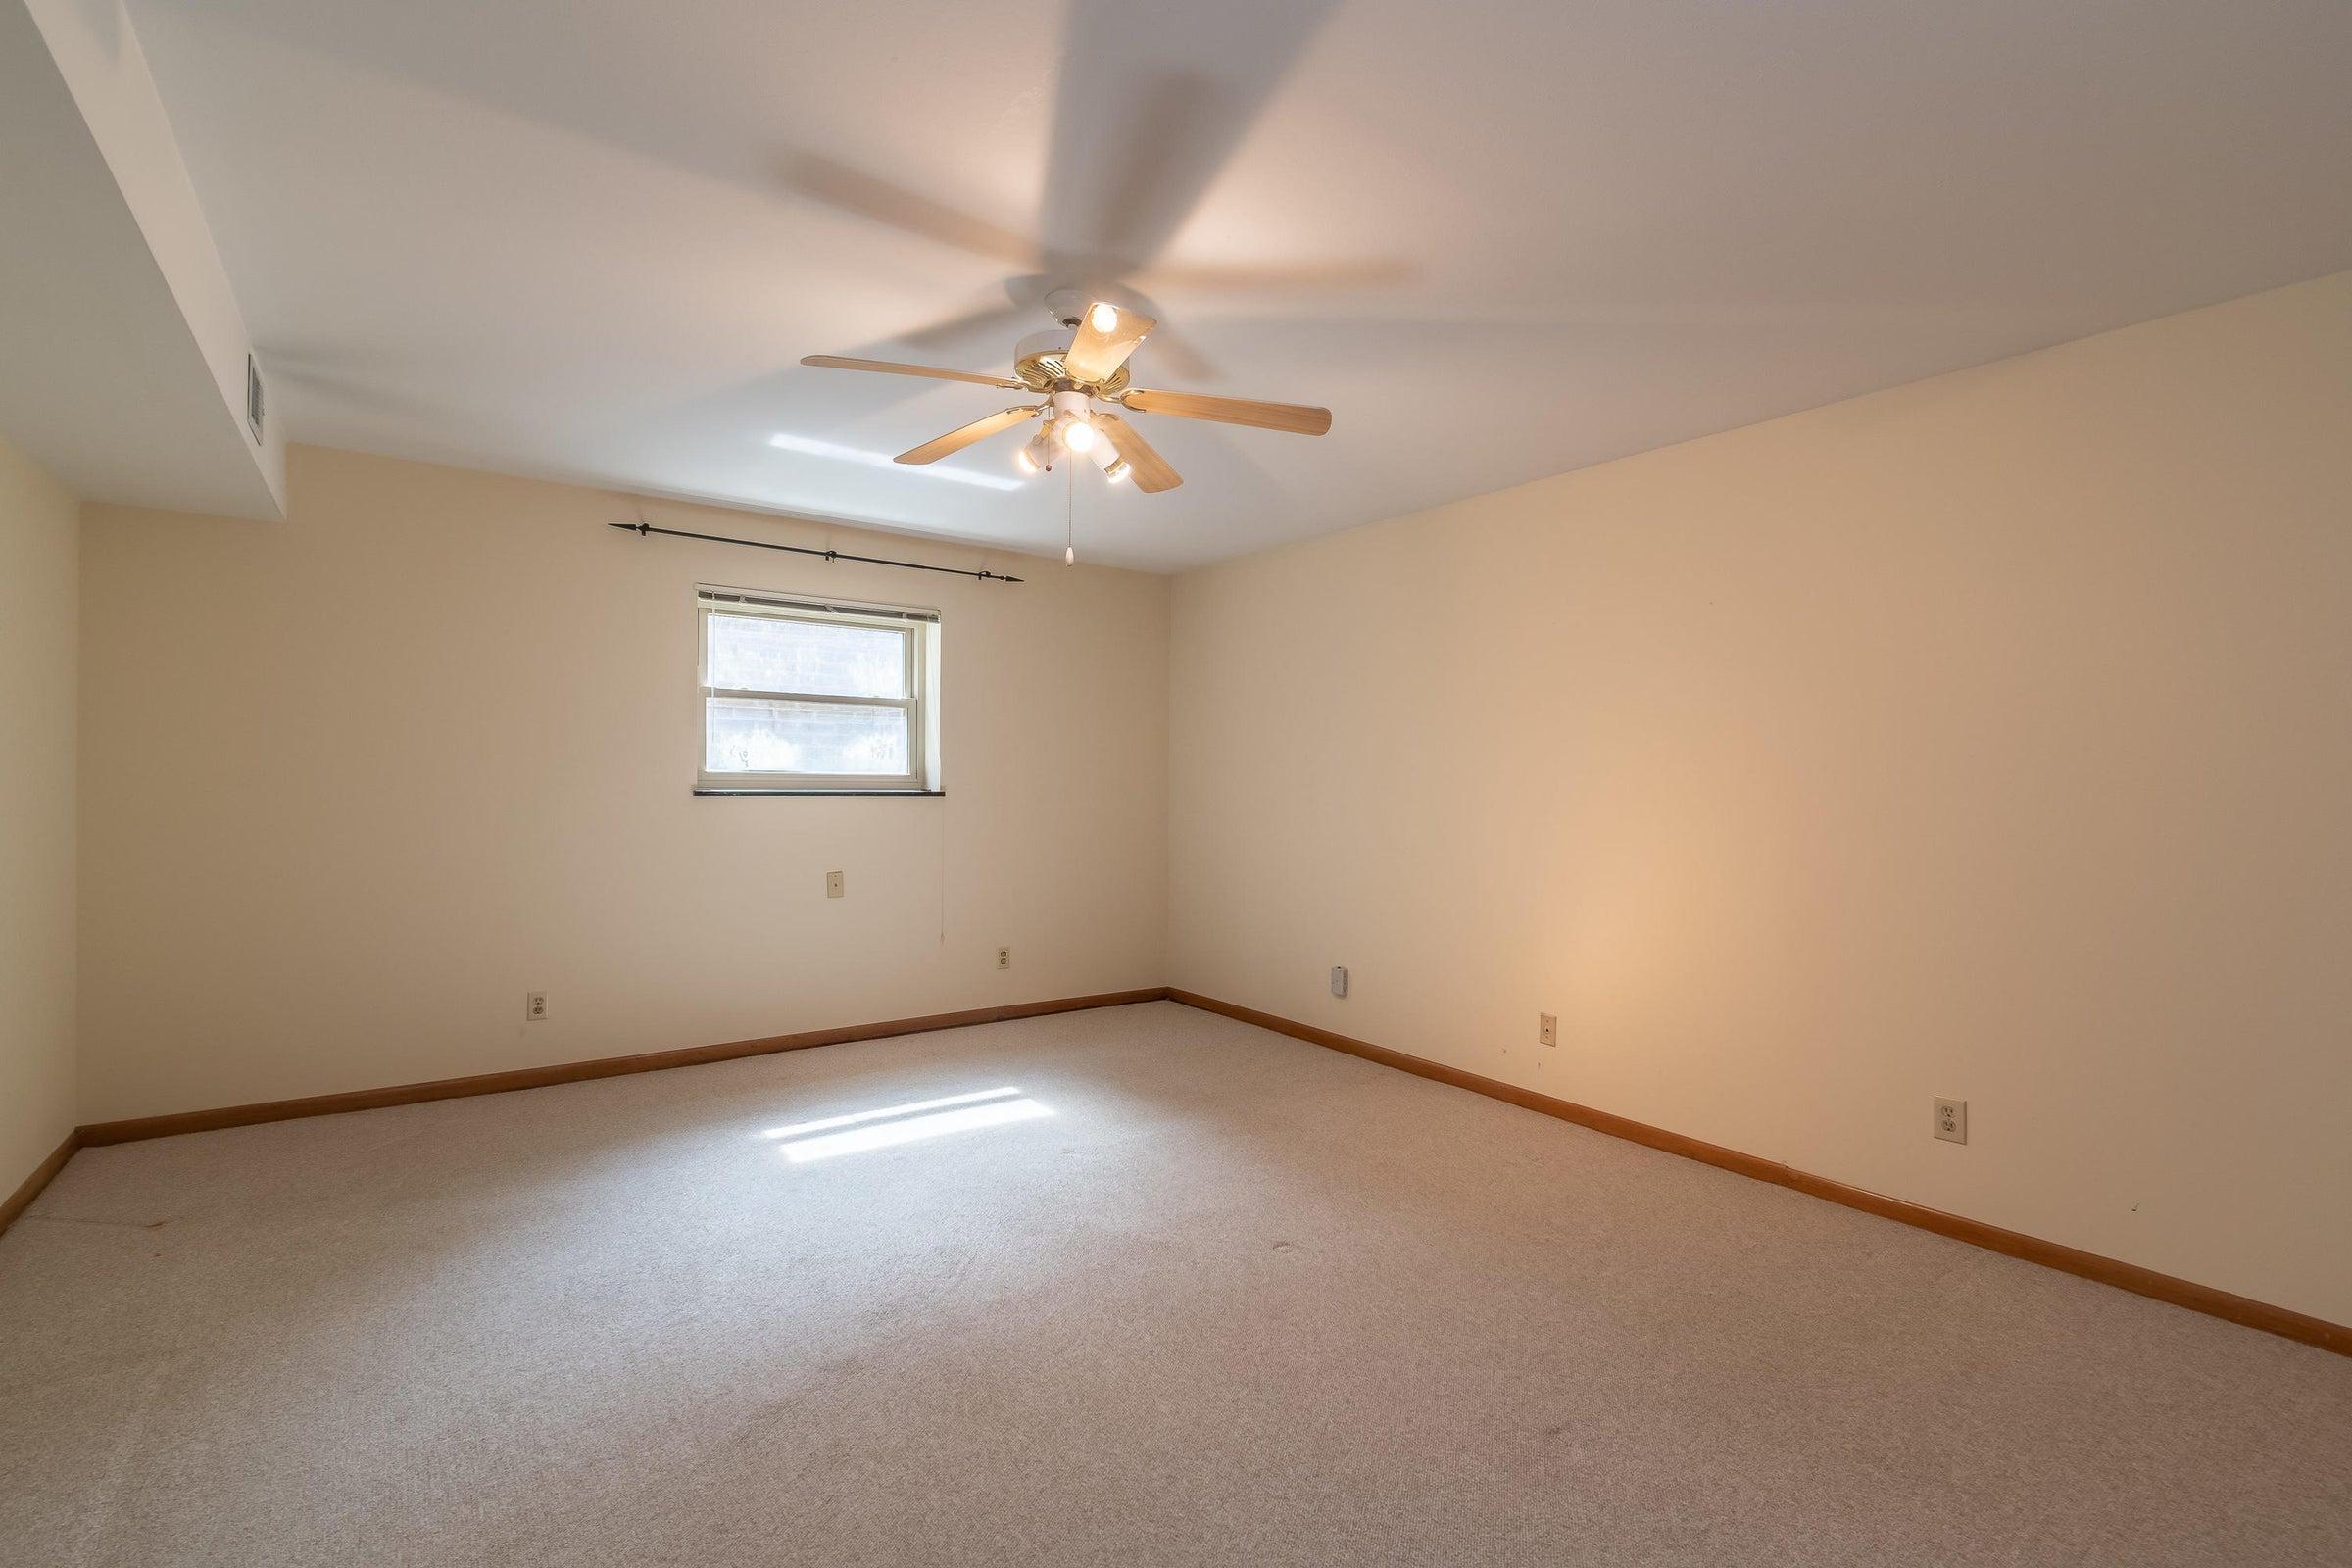 Bedroom Four (in Basement